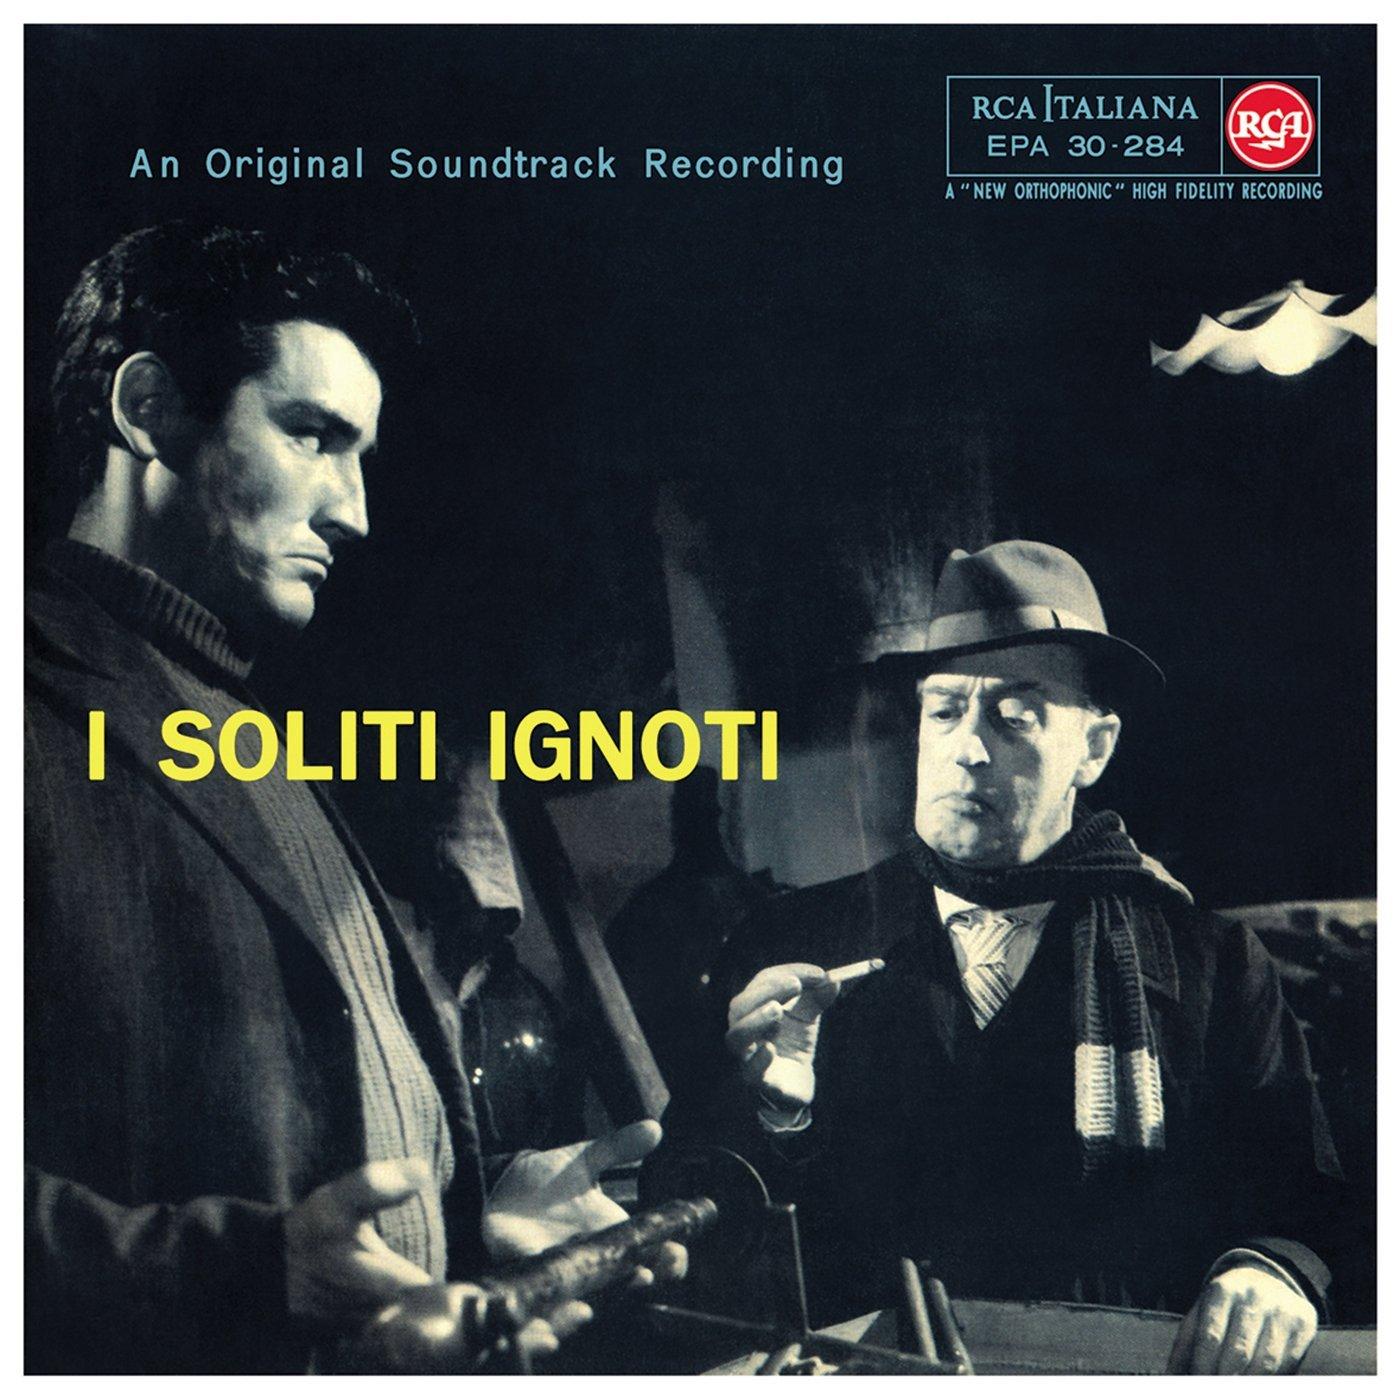 Copertina Disco Vinile 33 giri I Soliti Ignoti [Soundtrack LP] di Piero Umiliani